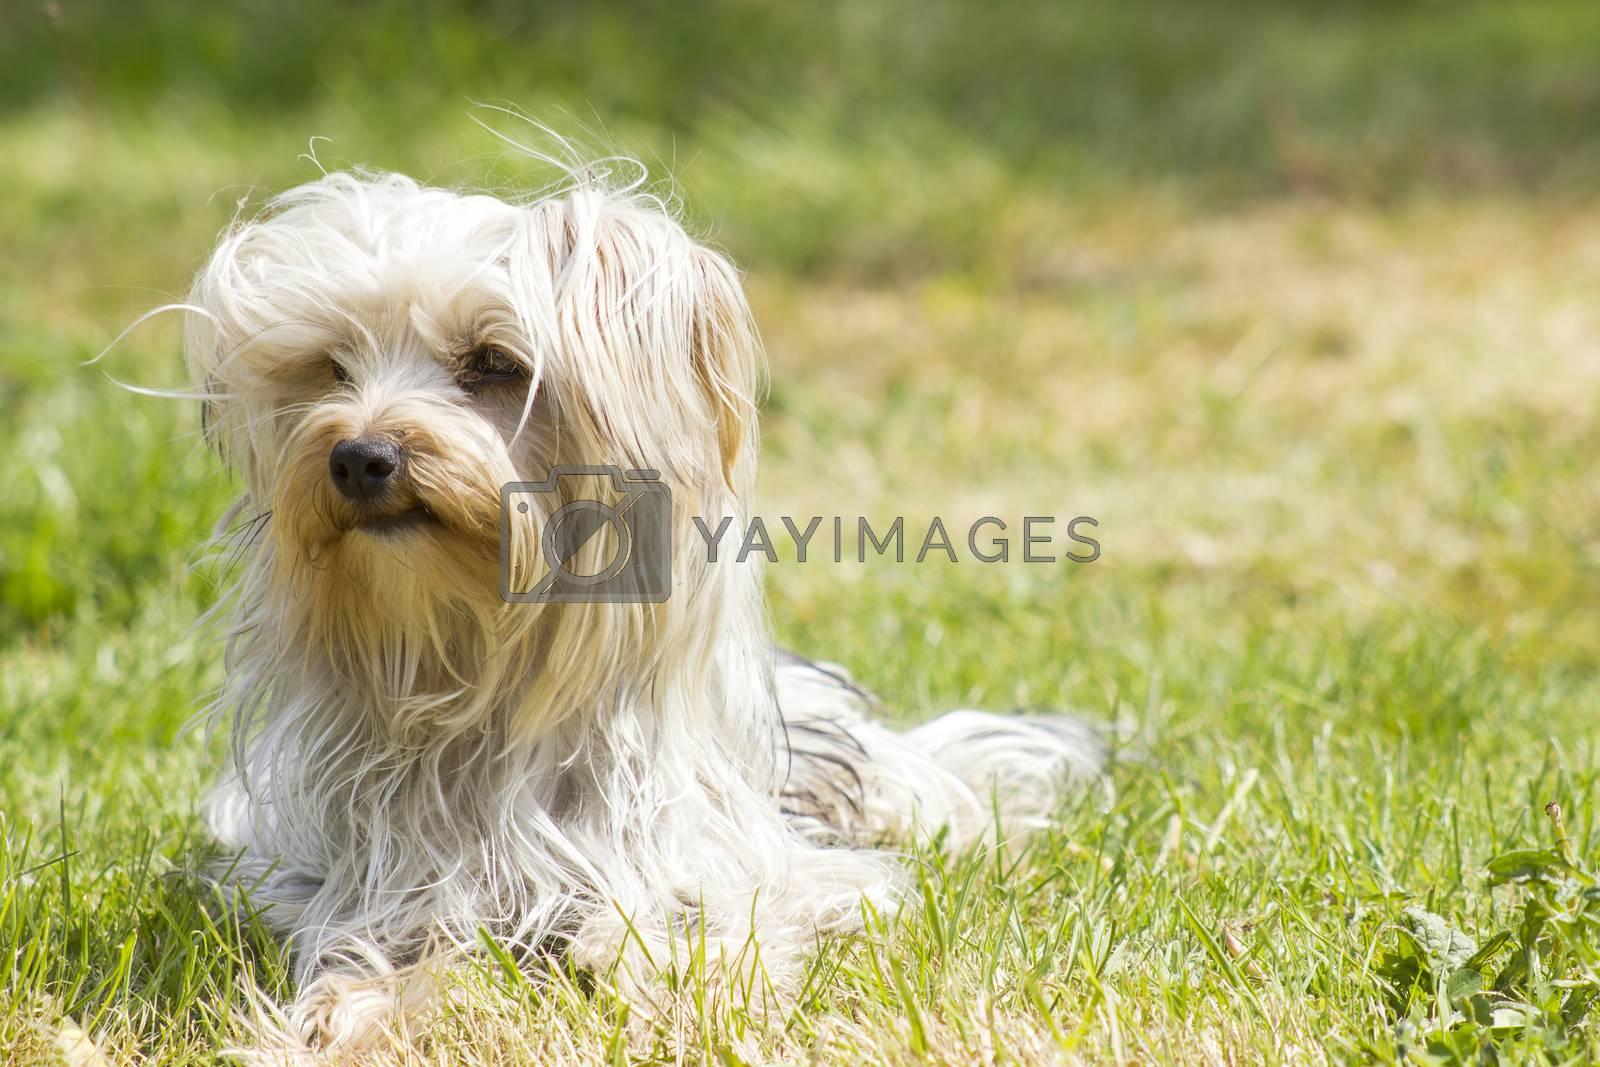 yorkshire terrier in the garden